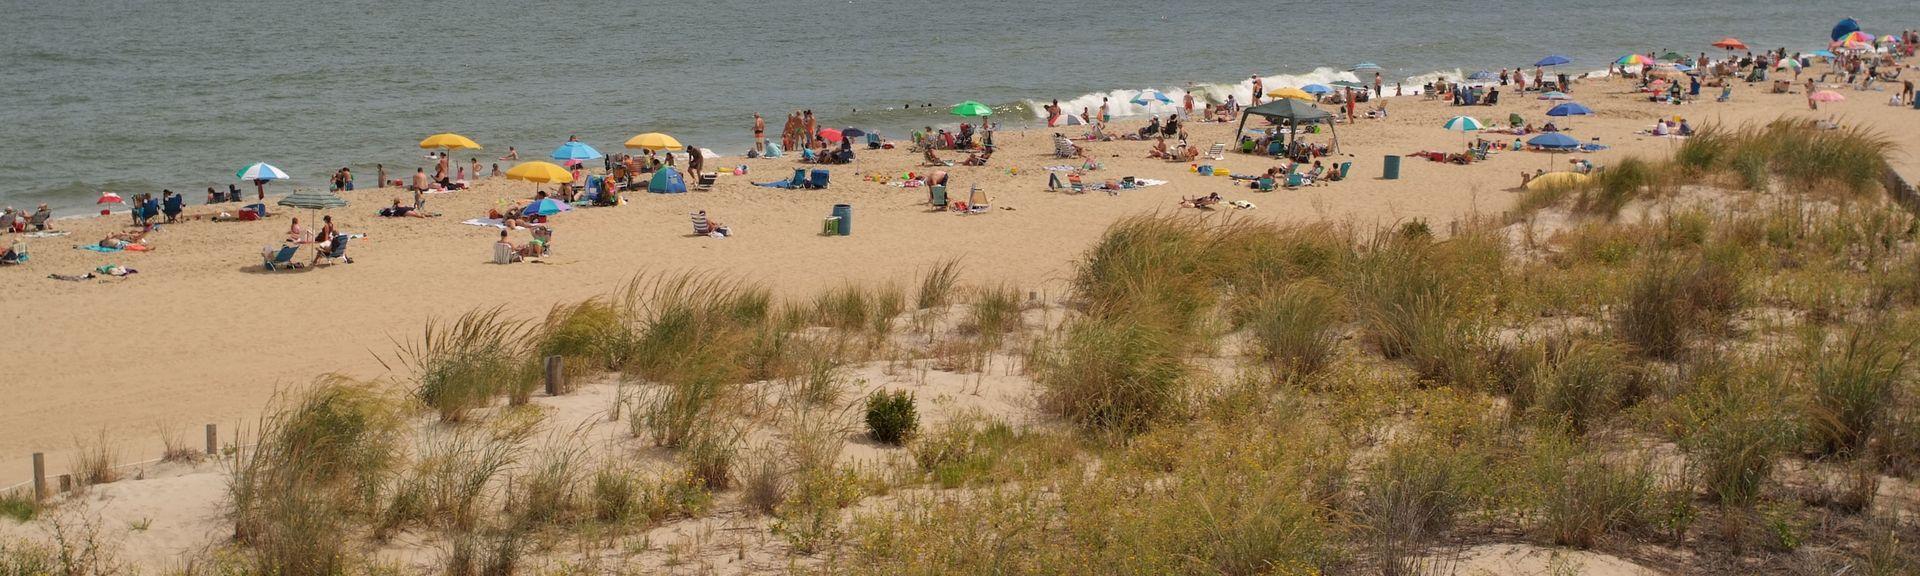 Maryland Beach, Ocean City, MD, USA